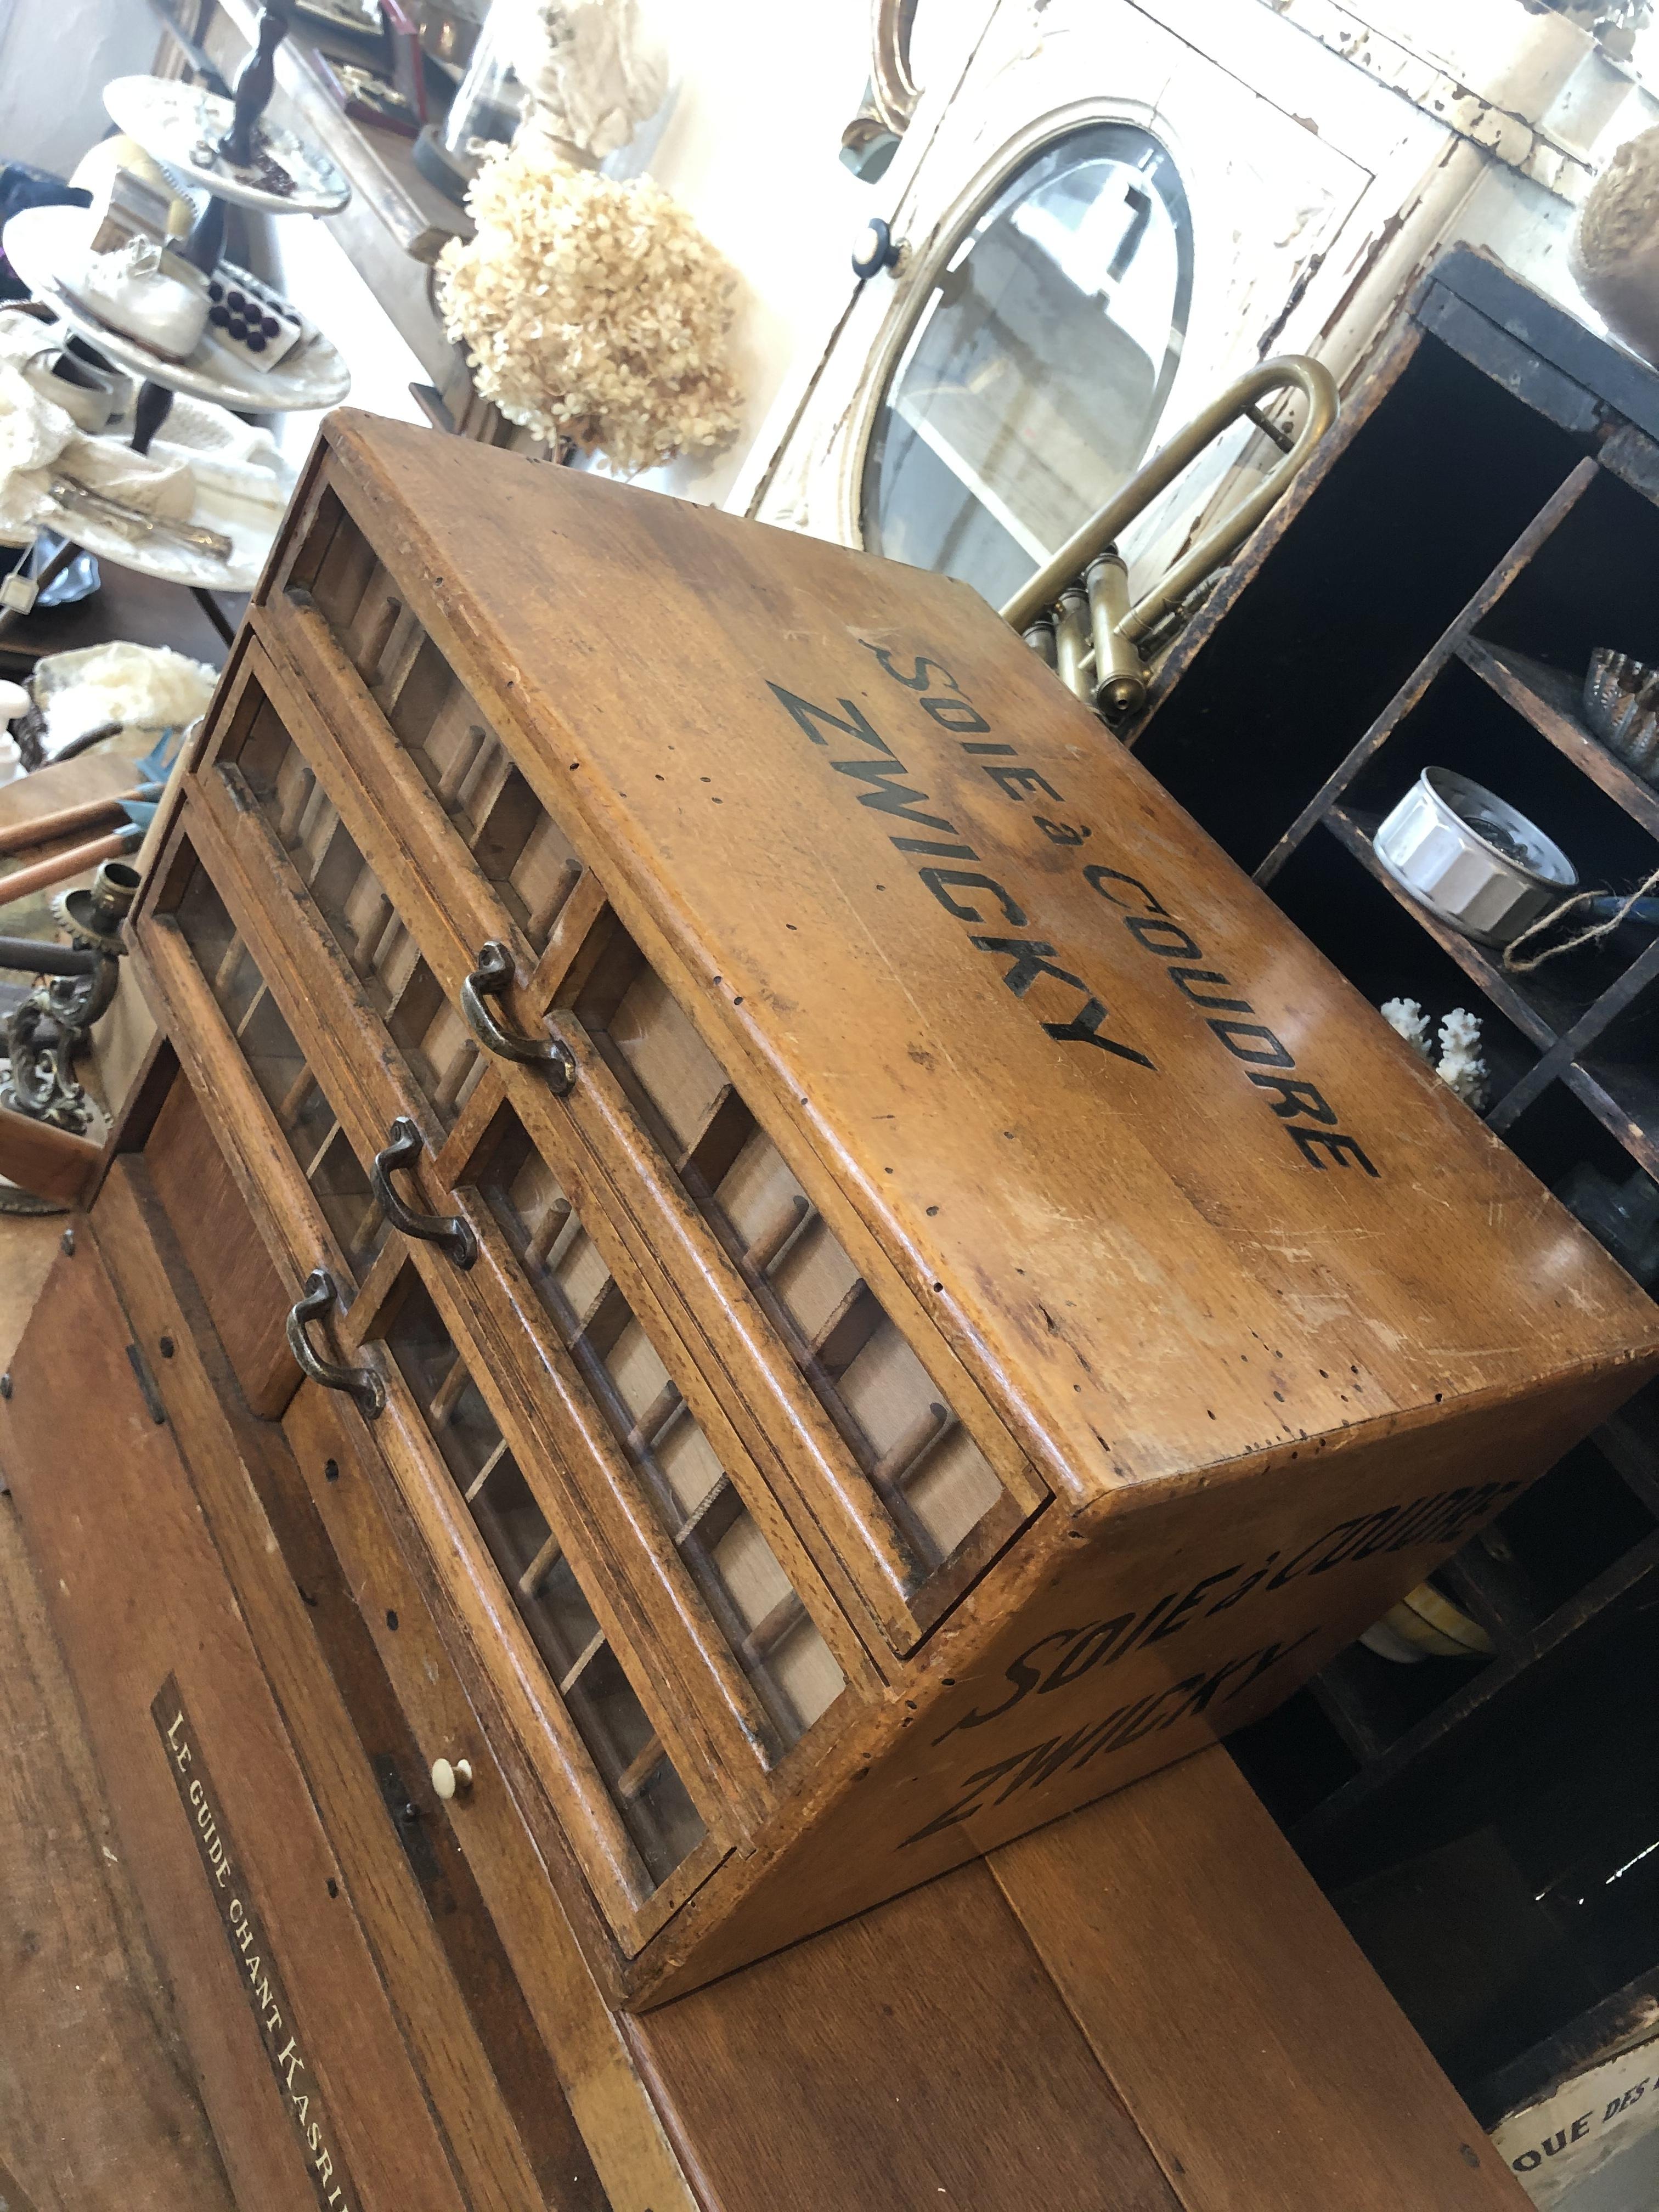 木製3段 スプールキャビネット引出し棚 ショーケース